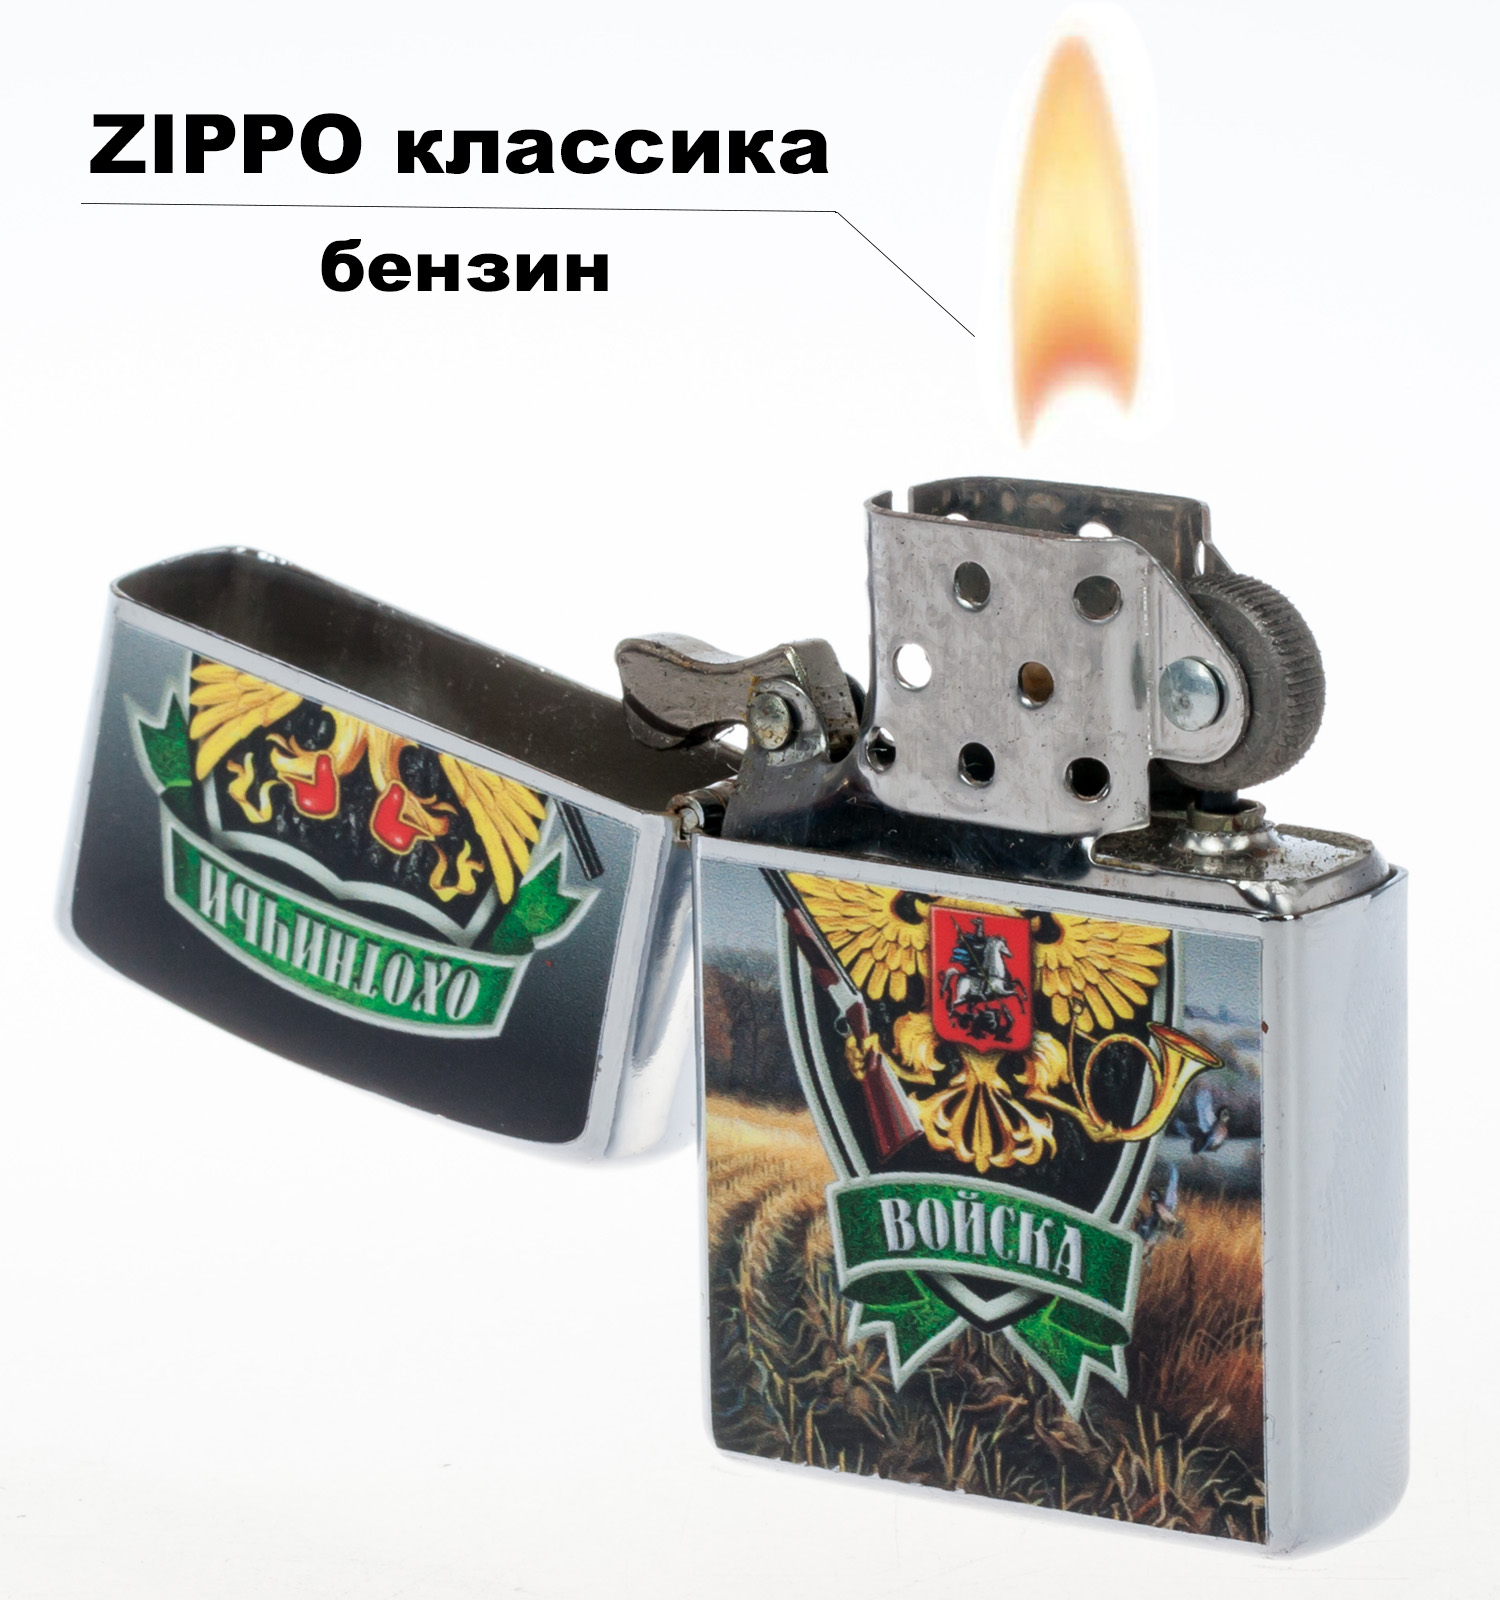 Купить зажигалки ZIPPO бензиновые с авторским рисунком